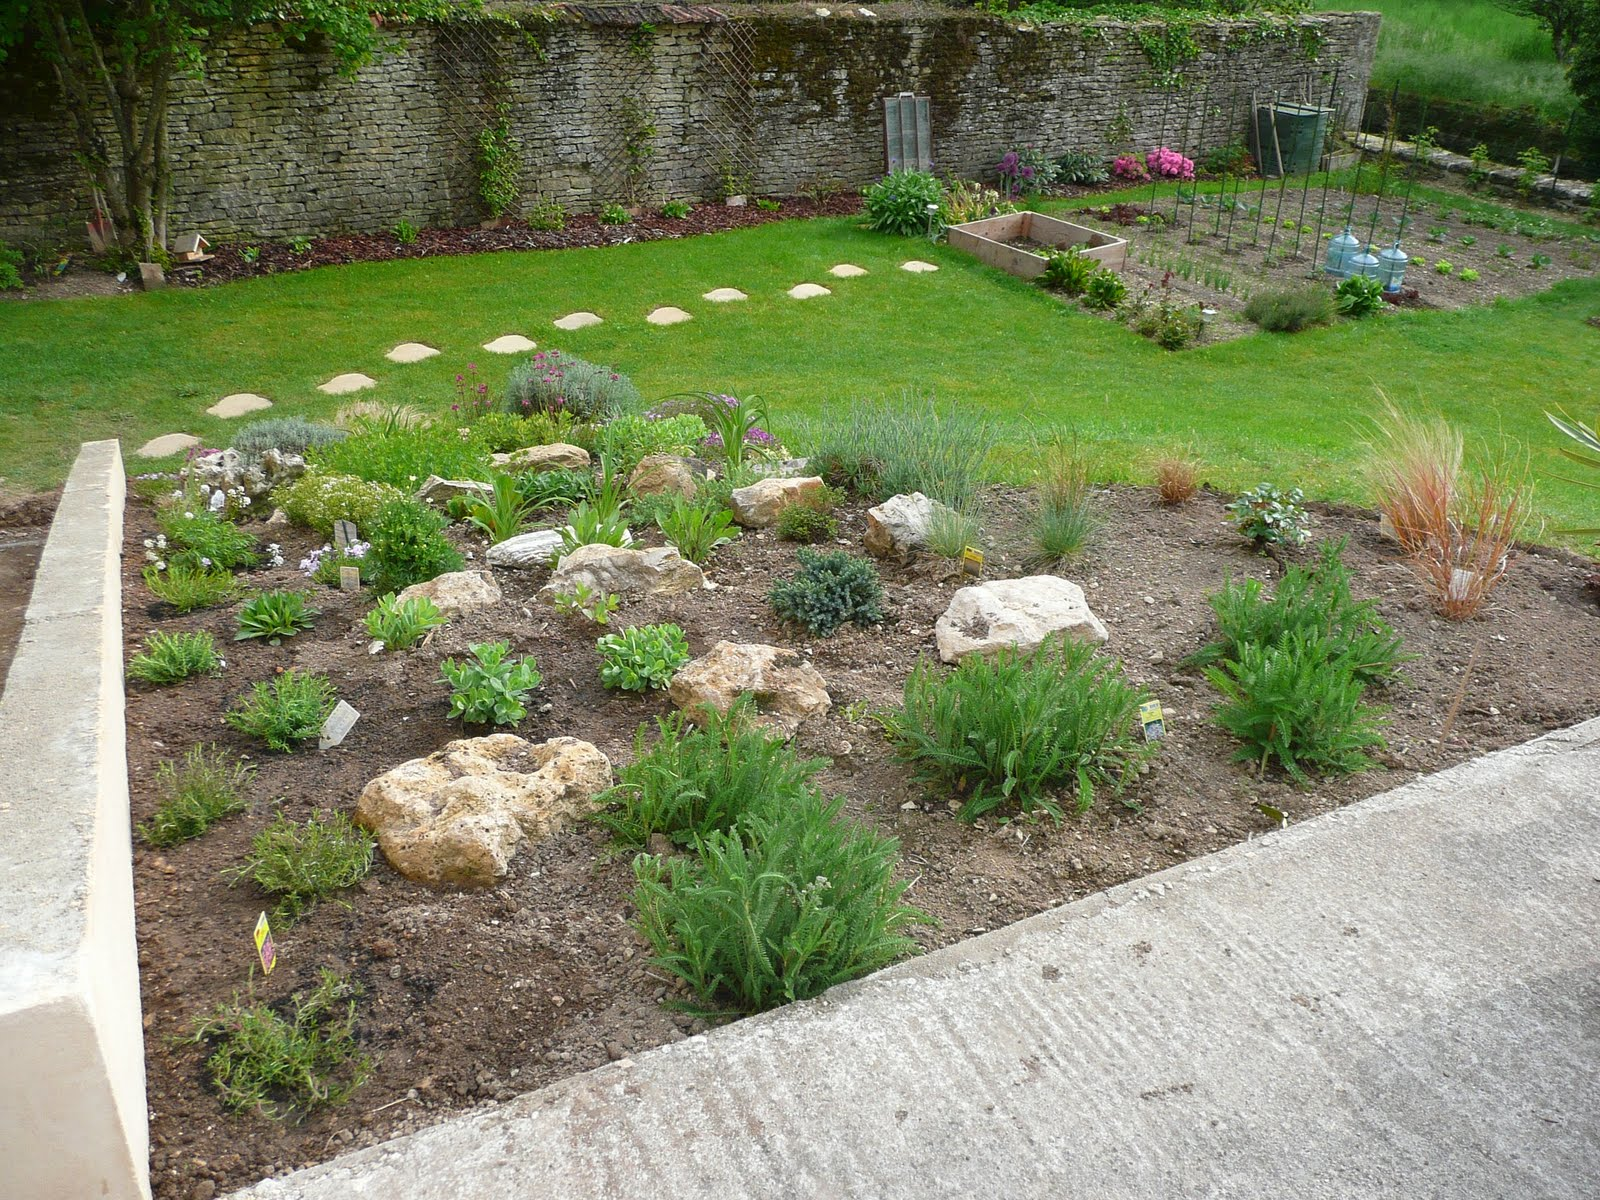 notre jardin secret am nagement autour de la rocaille. Black Bedroom Furniture Sets. Home Design Ideas